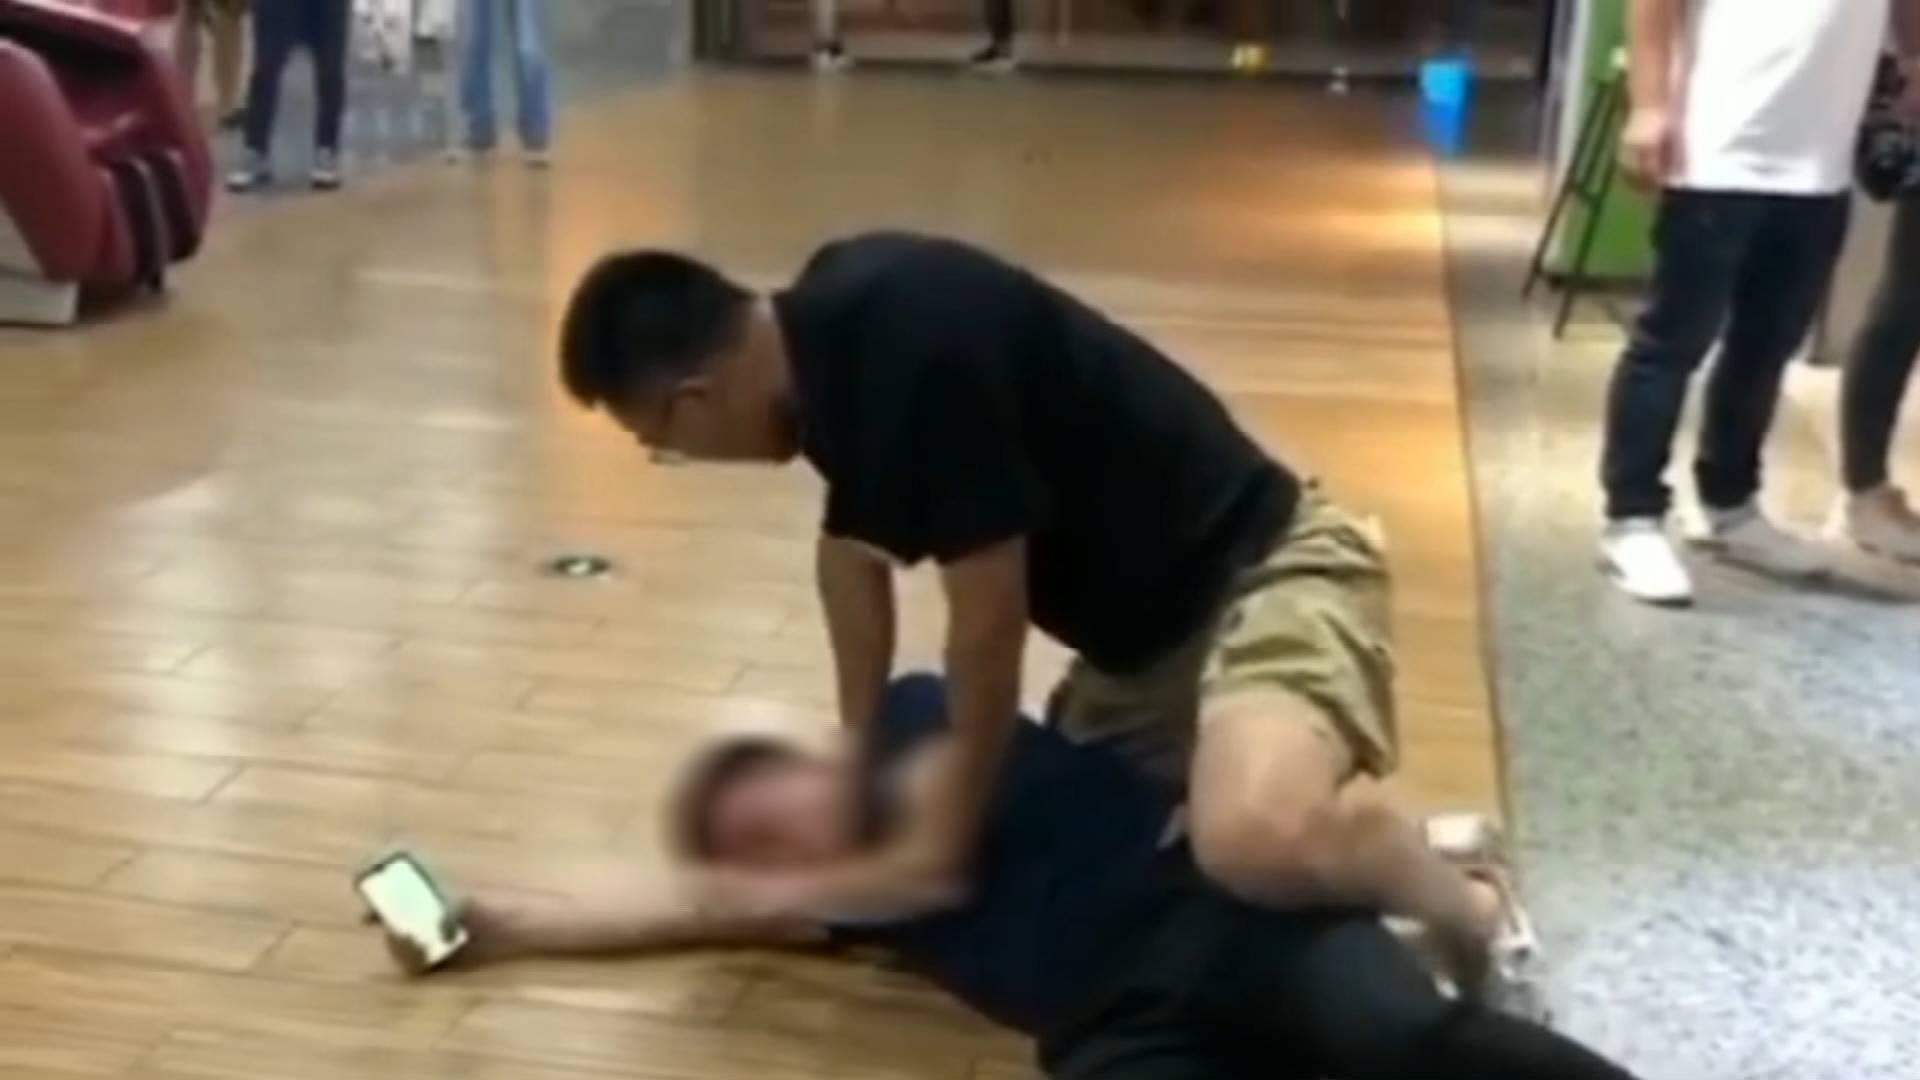 40秒丨太帅了!南京一男子酒后猥亵殴打女学生 交警一个抱摔将其制服